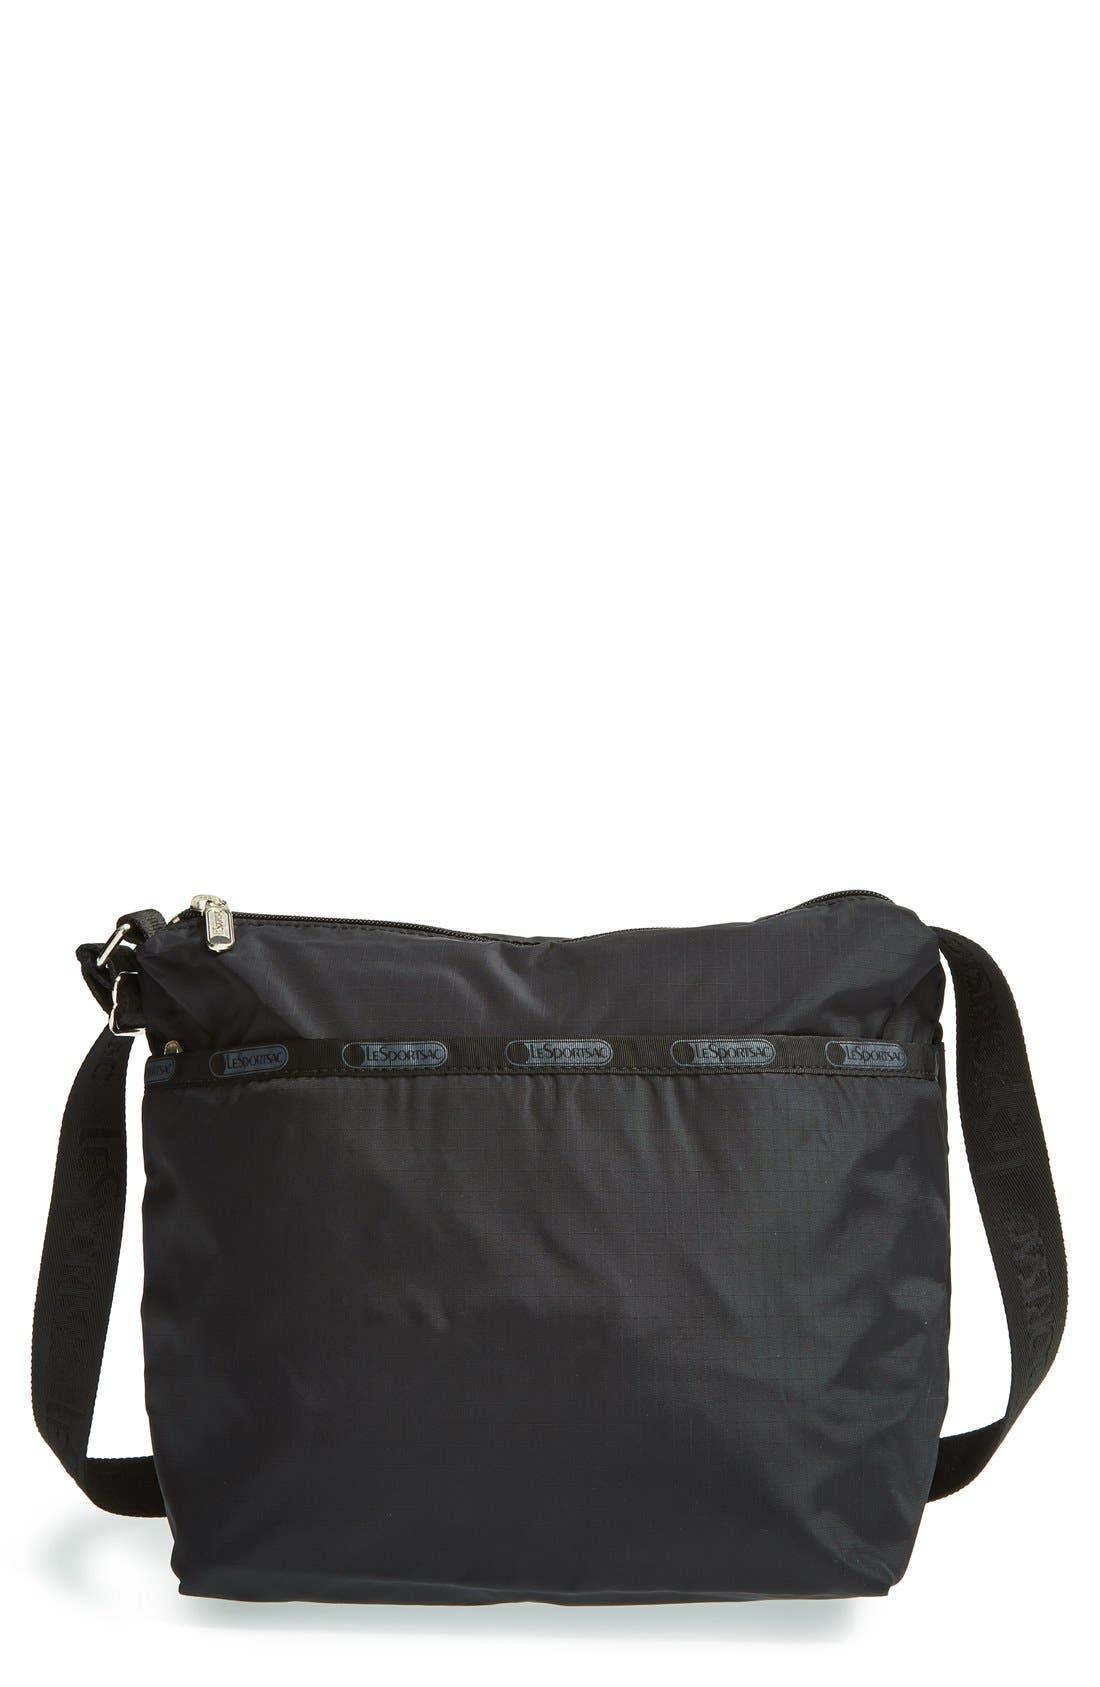 LESPORTSAC,                             'Small Cleo' Crossbody Bag,                             Main thumbnail 1, color,                             002